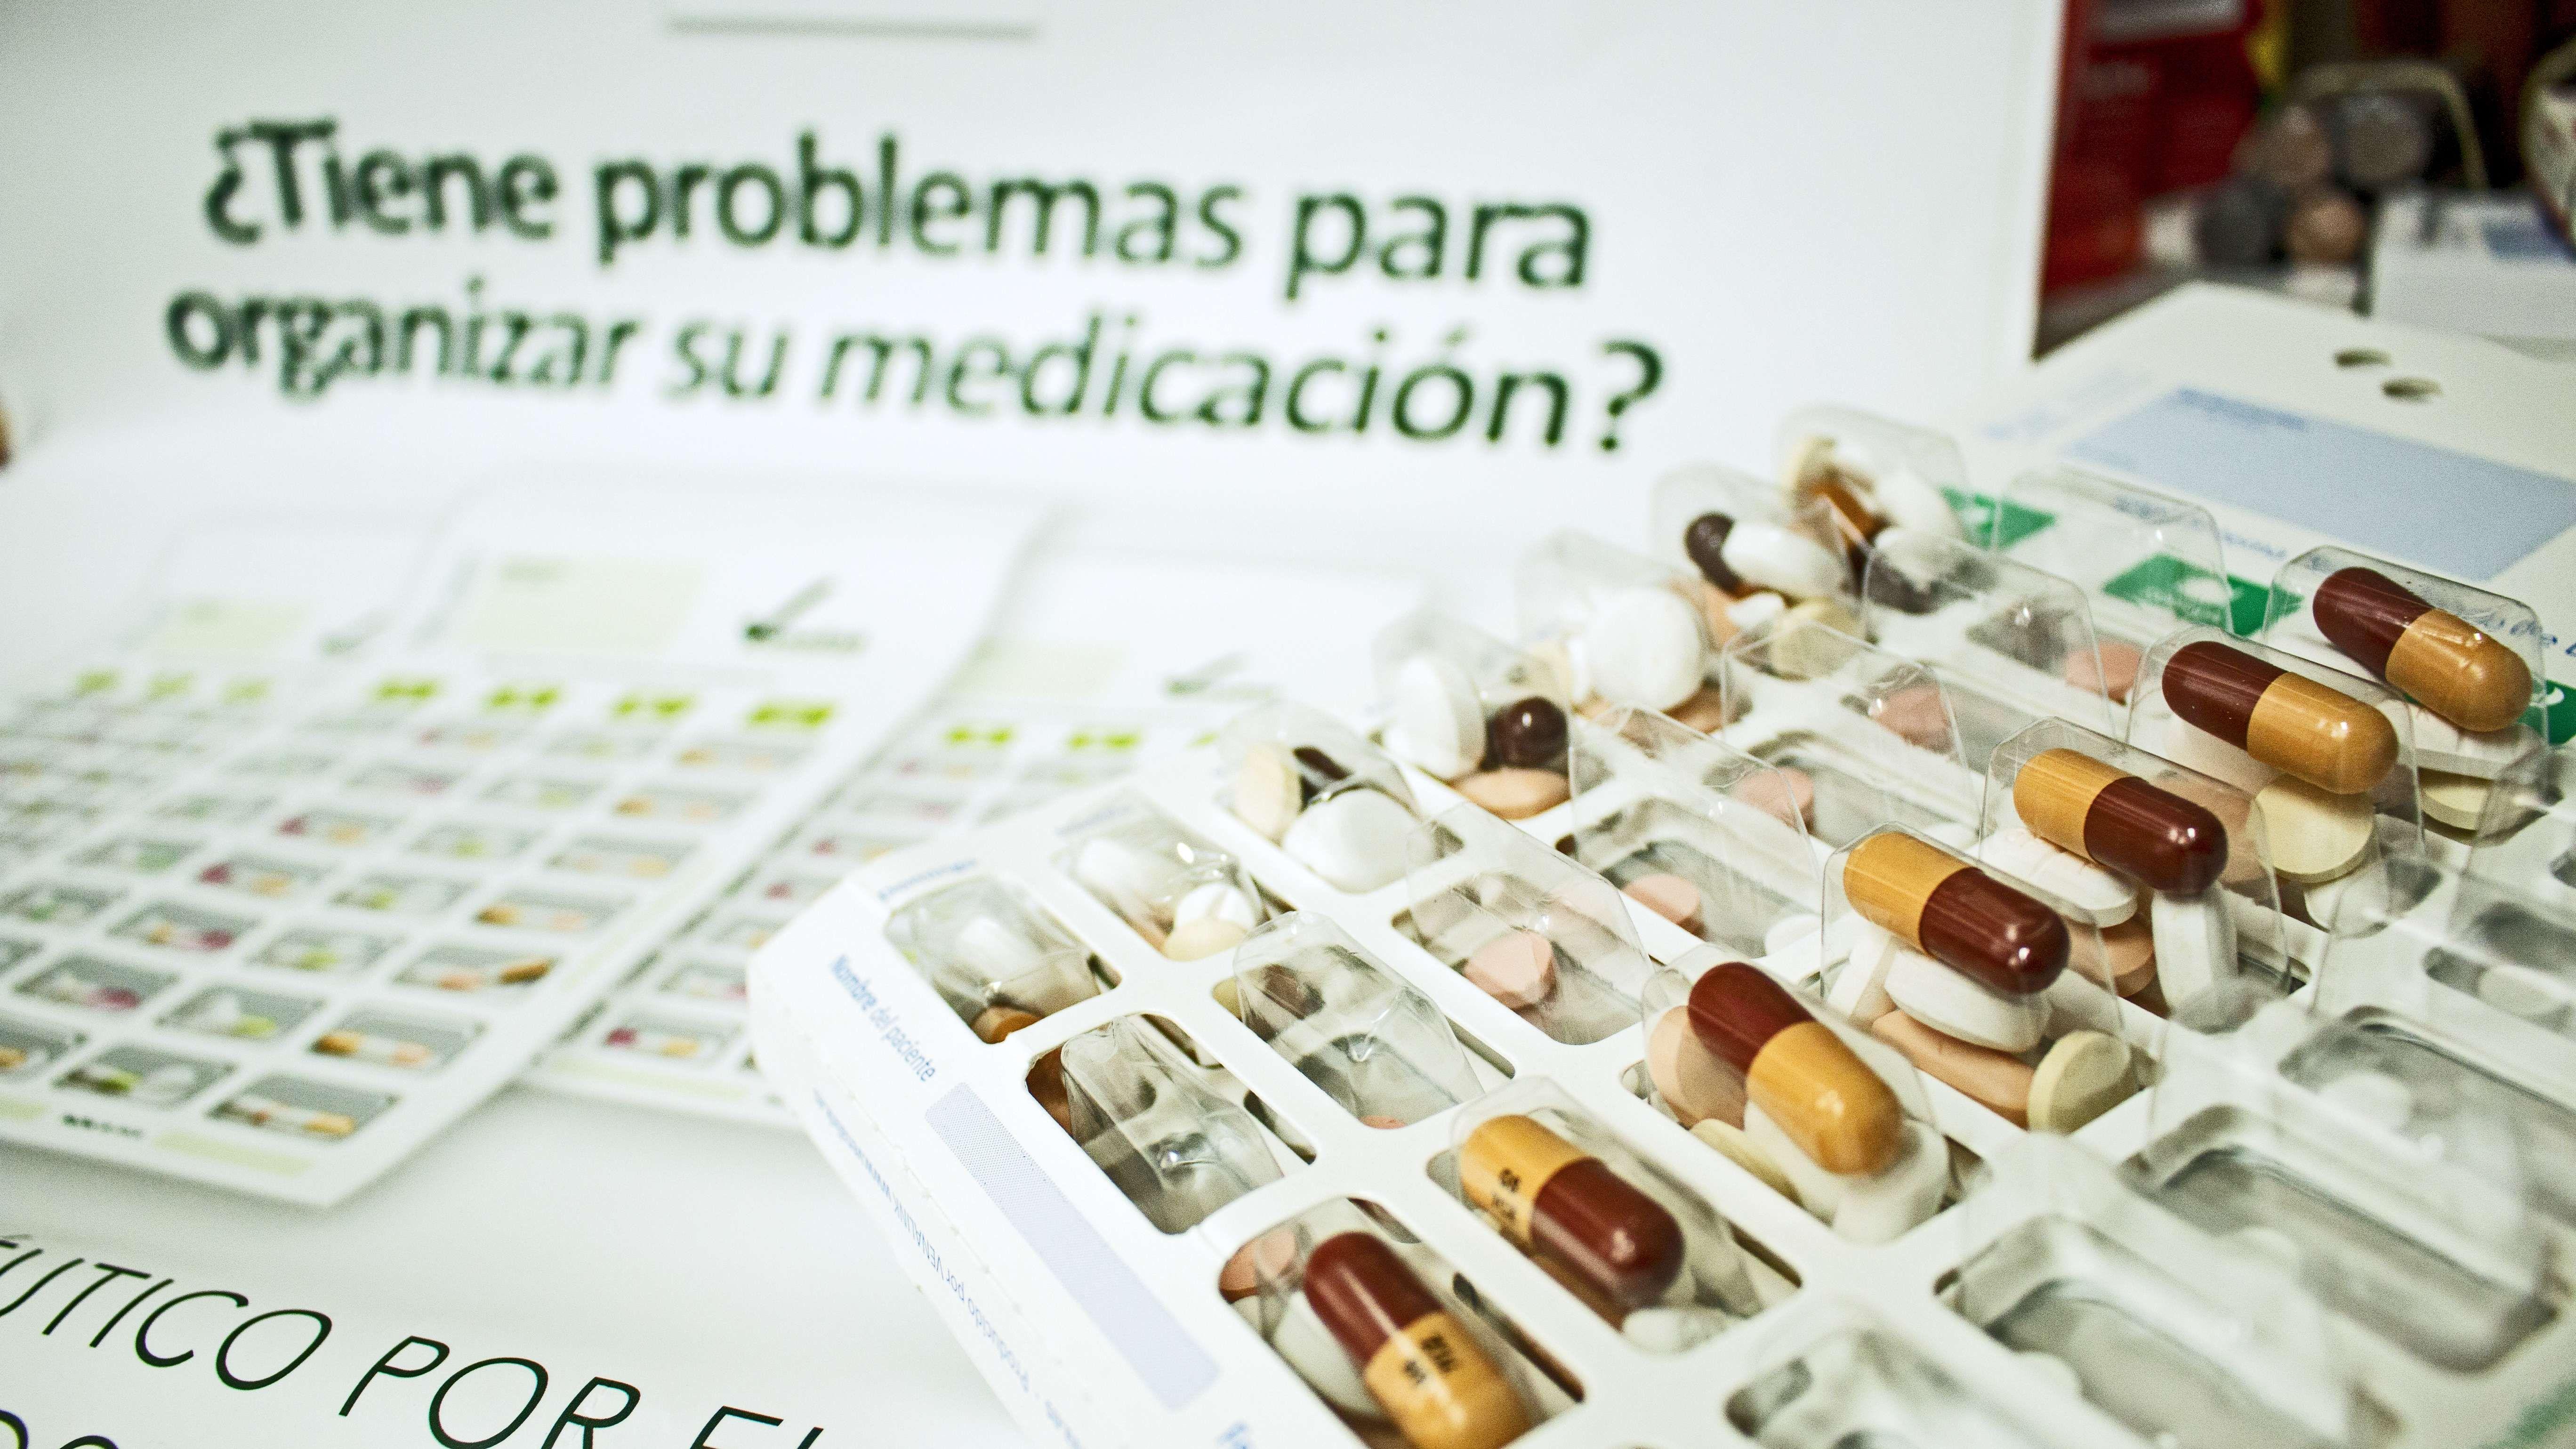 Organización de medicación en Narón